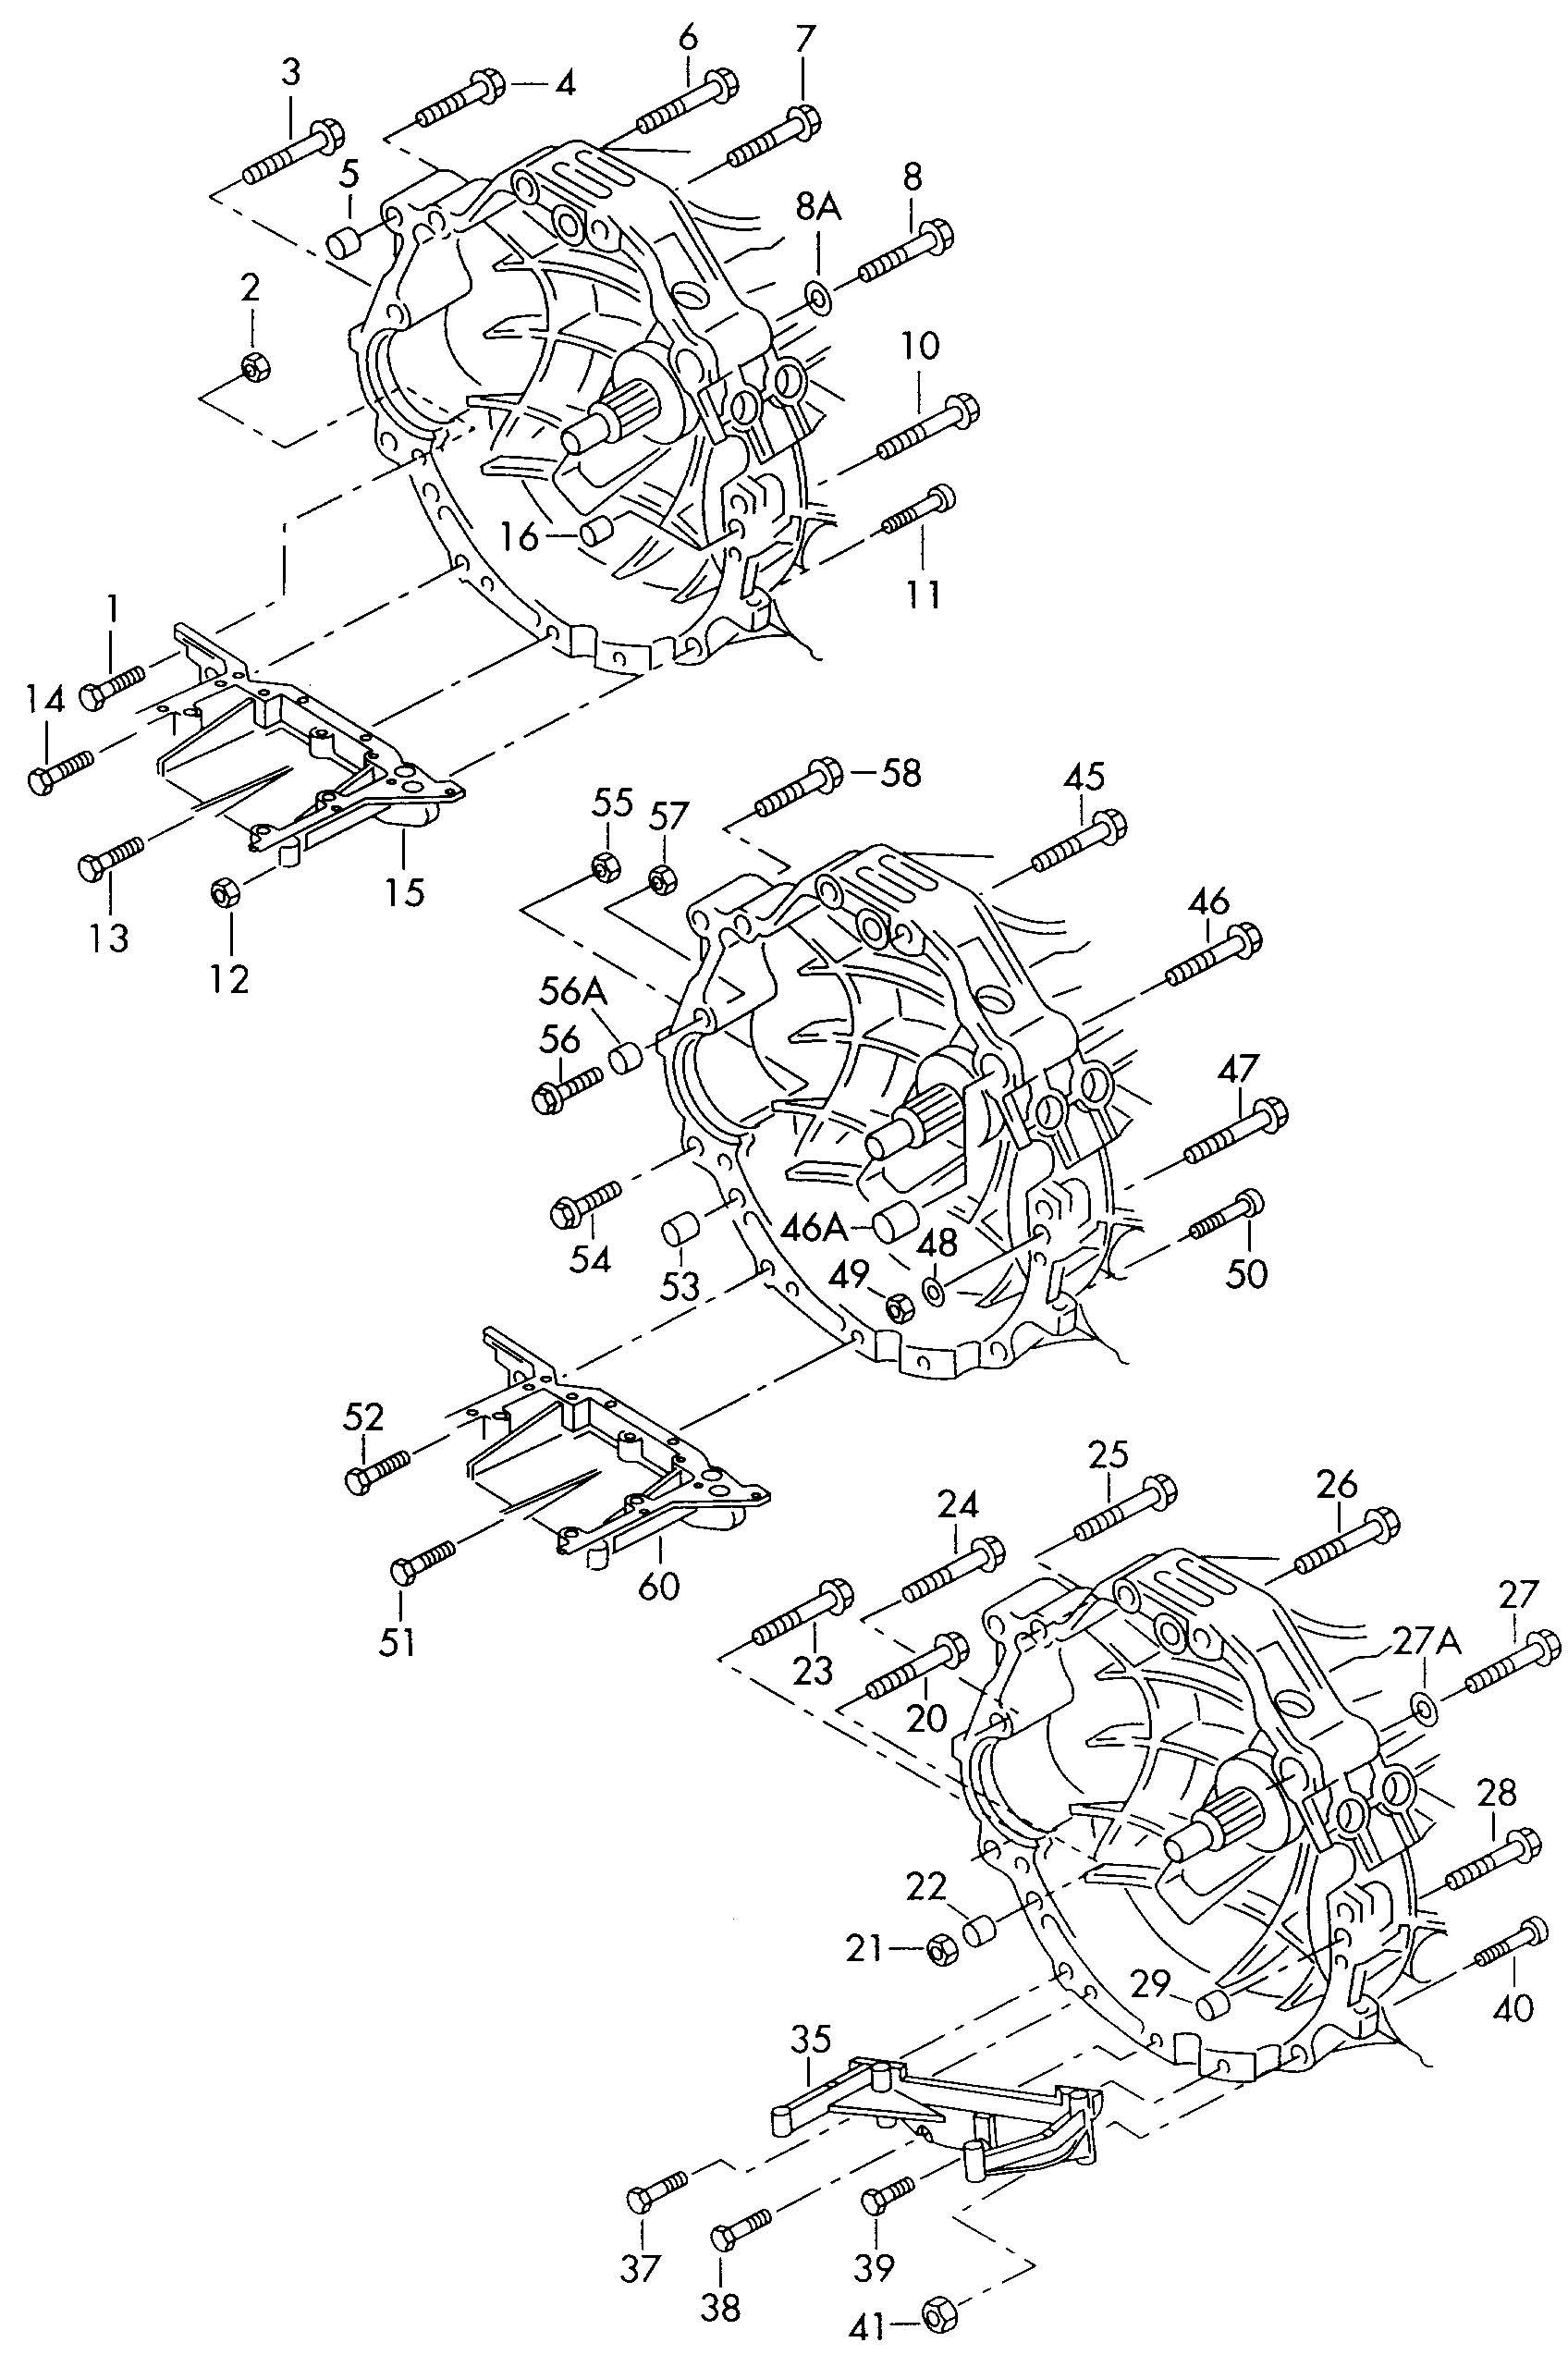 65 volkswagen beetle engine